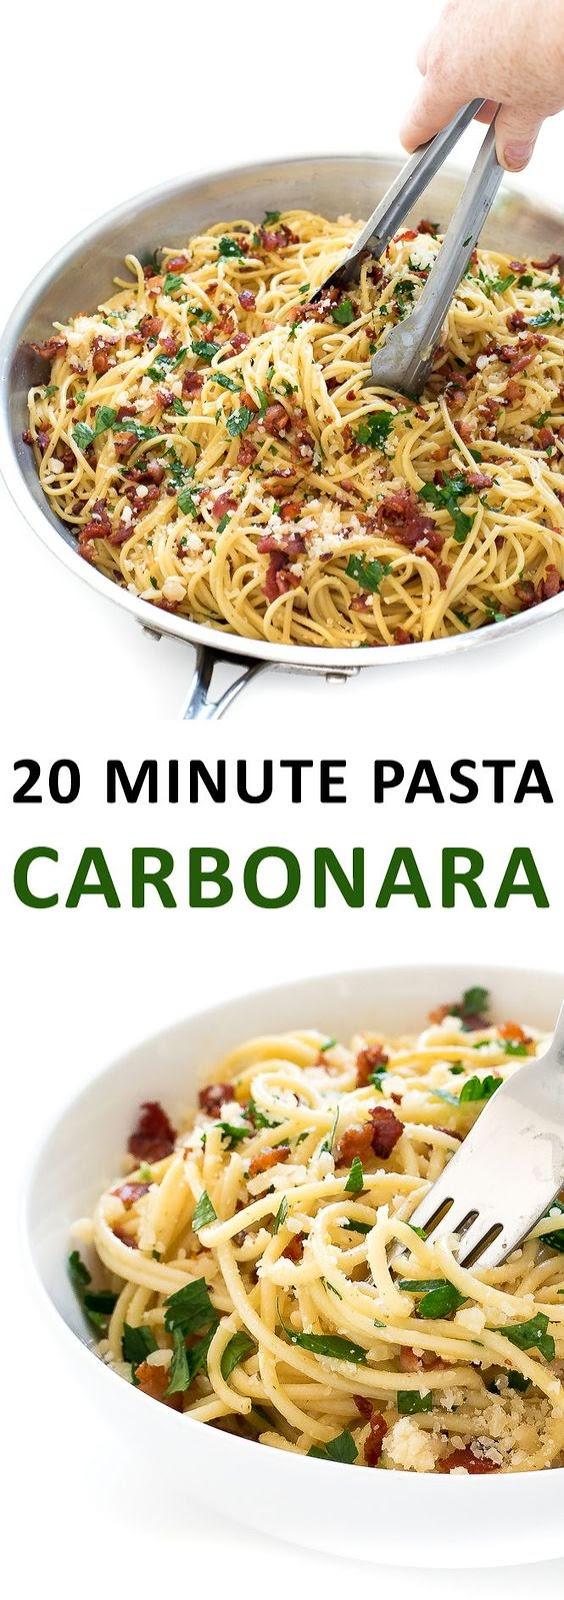 20 MINUTE PASTA CARBONARA